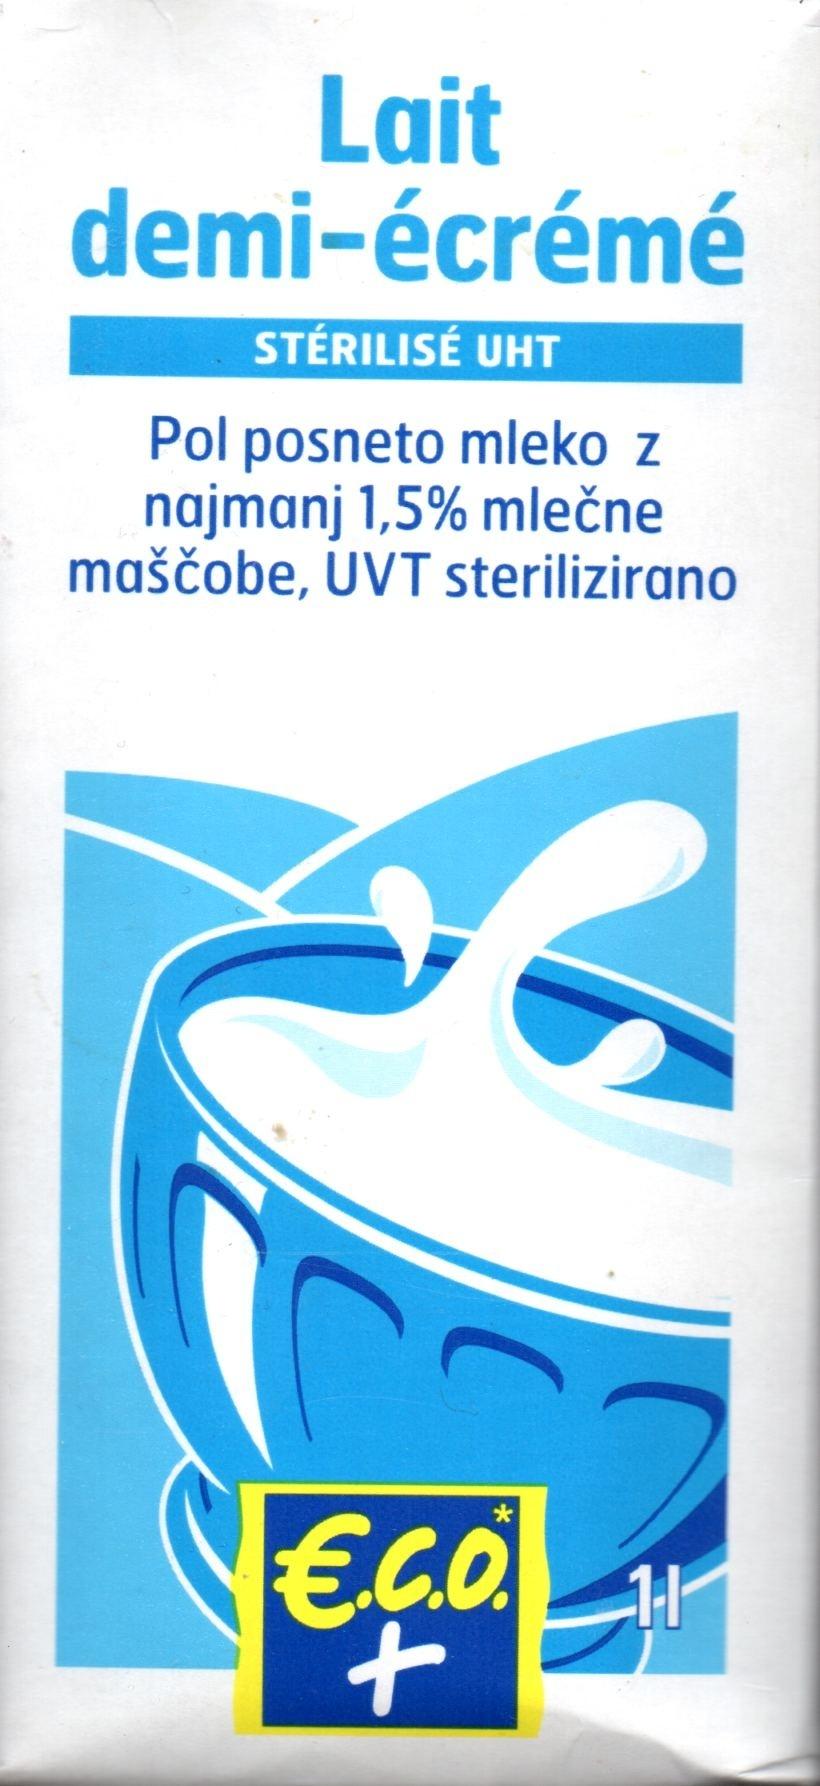 Lait demi-écrémé stérilisé UHT (1,5 % MG) - Product